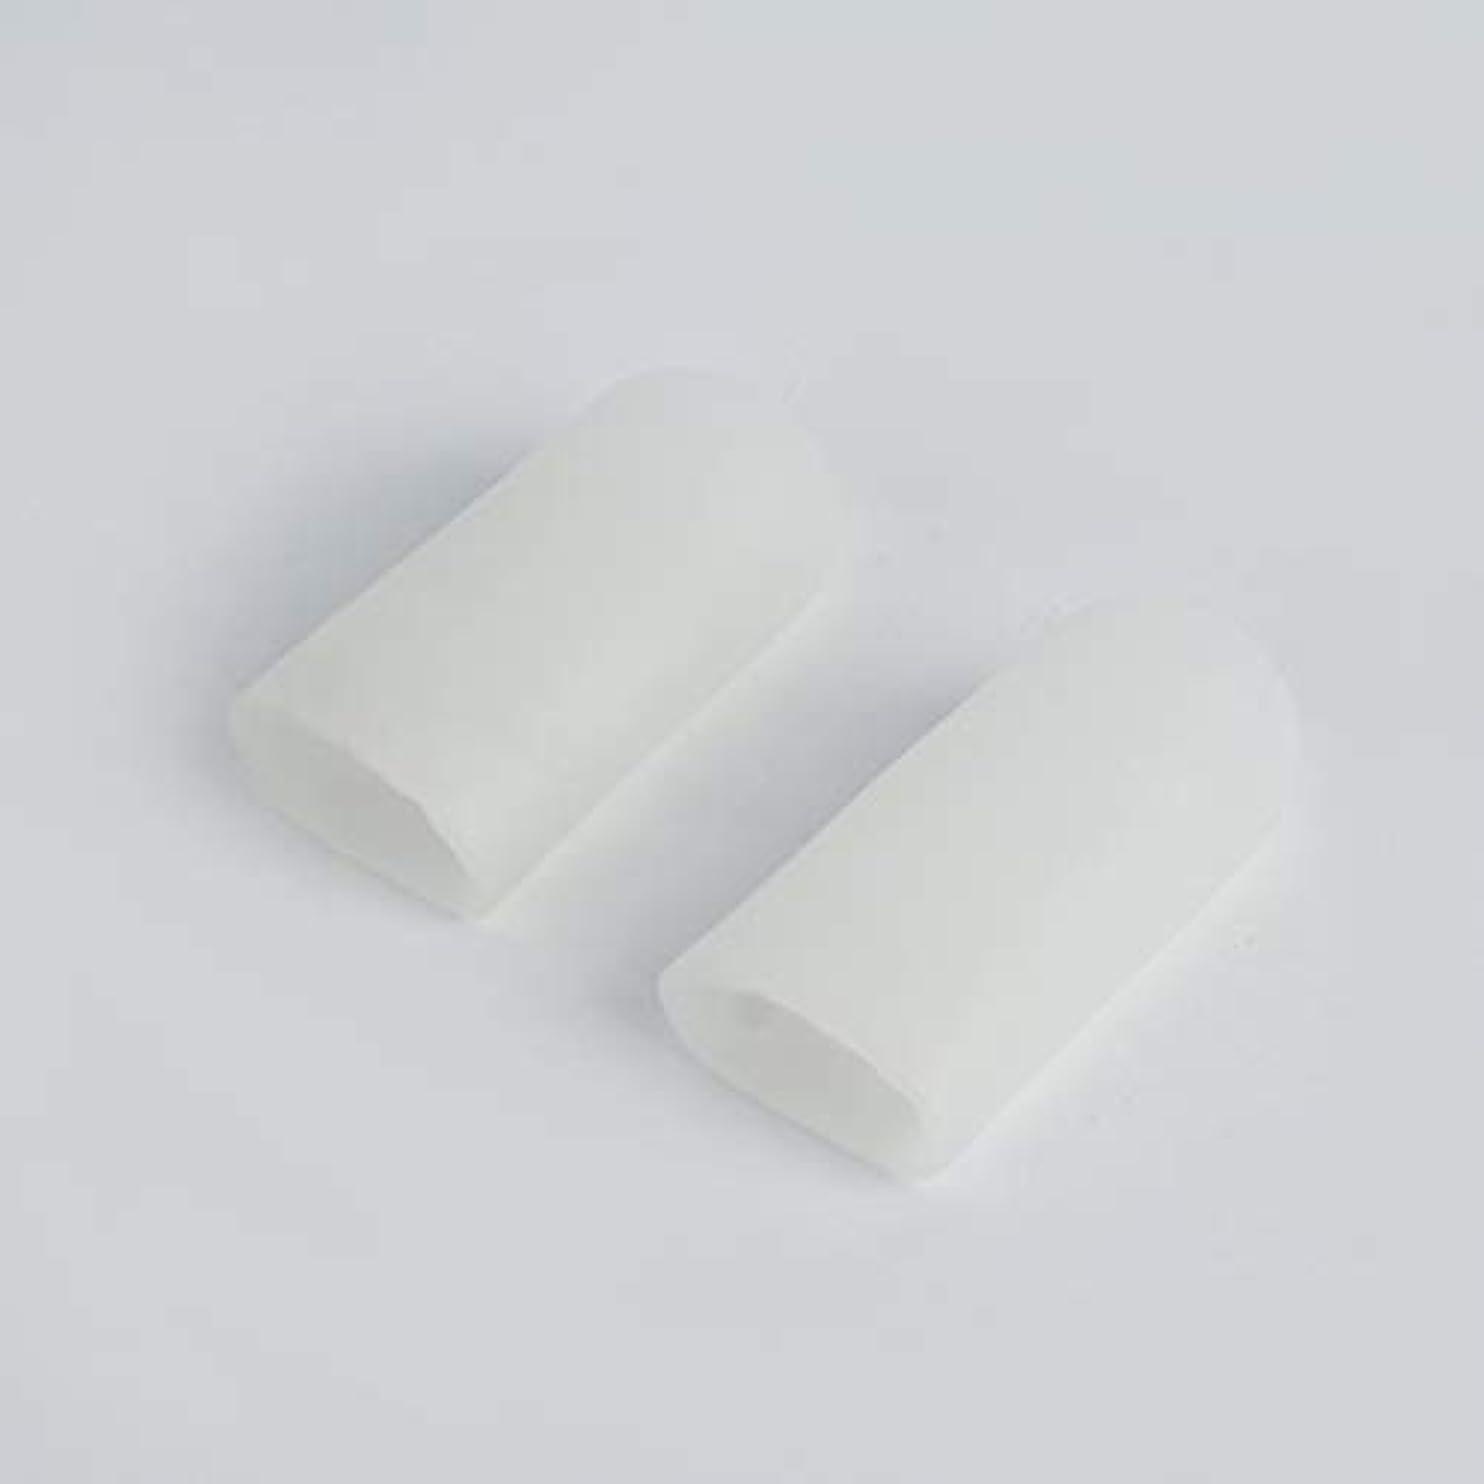 歩道優越土Open Toe Tubes Gel Lined Fabric Sleeve Protectors To Prevent Corns, Calluses And Blisters While Softening And...